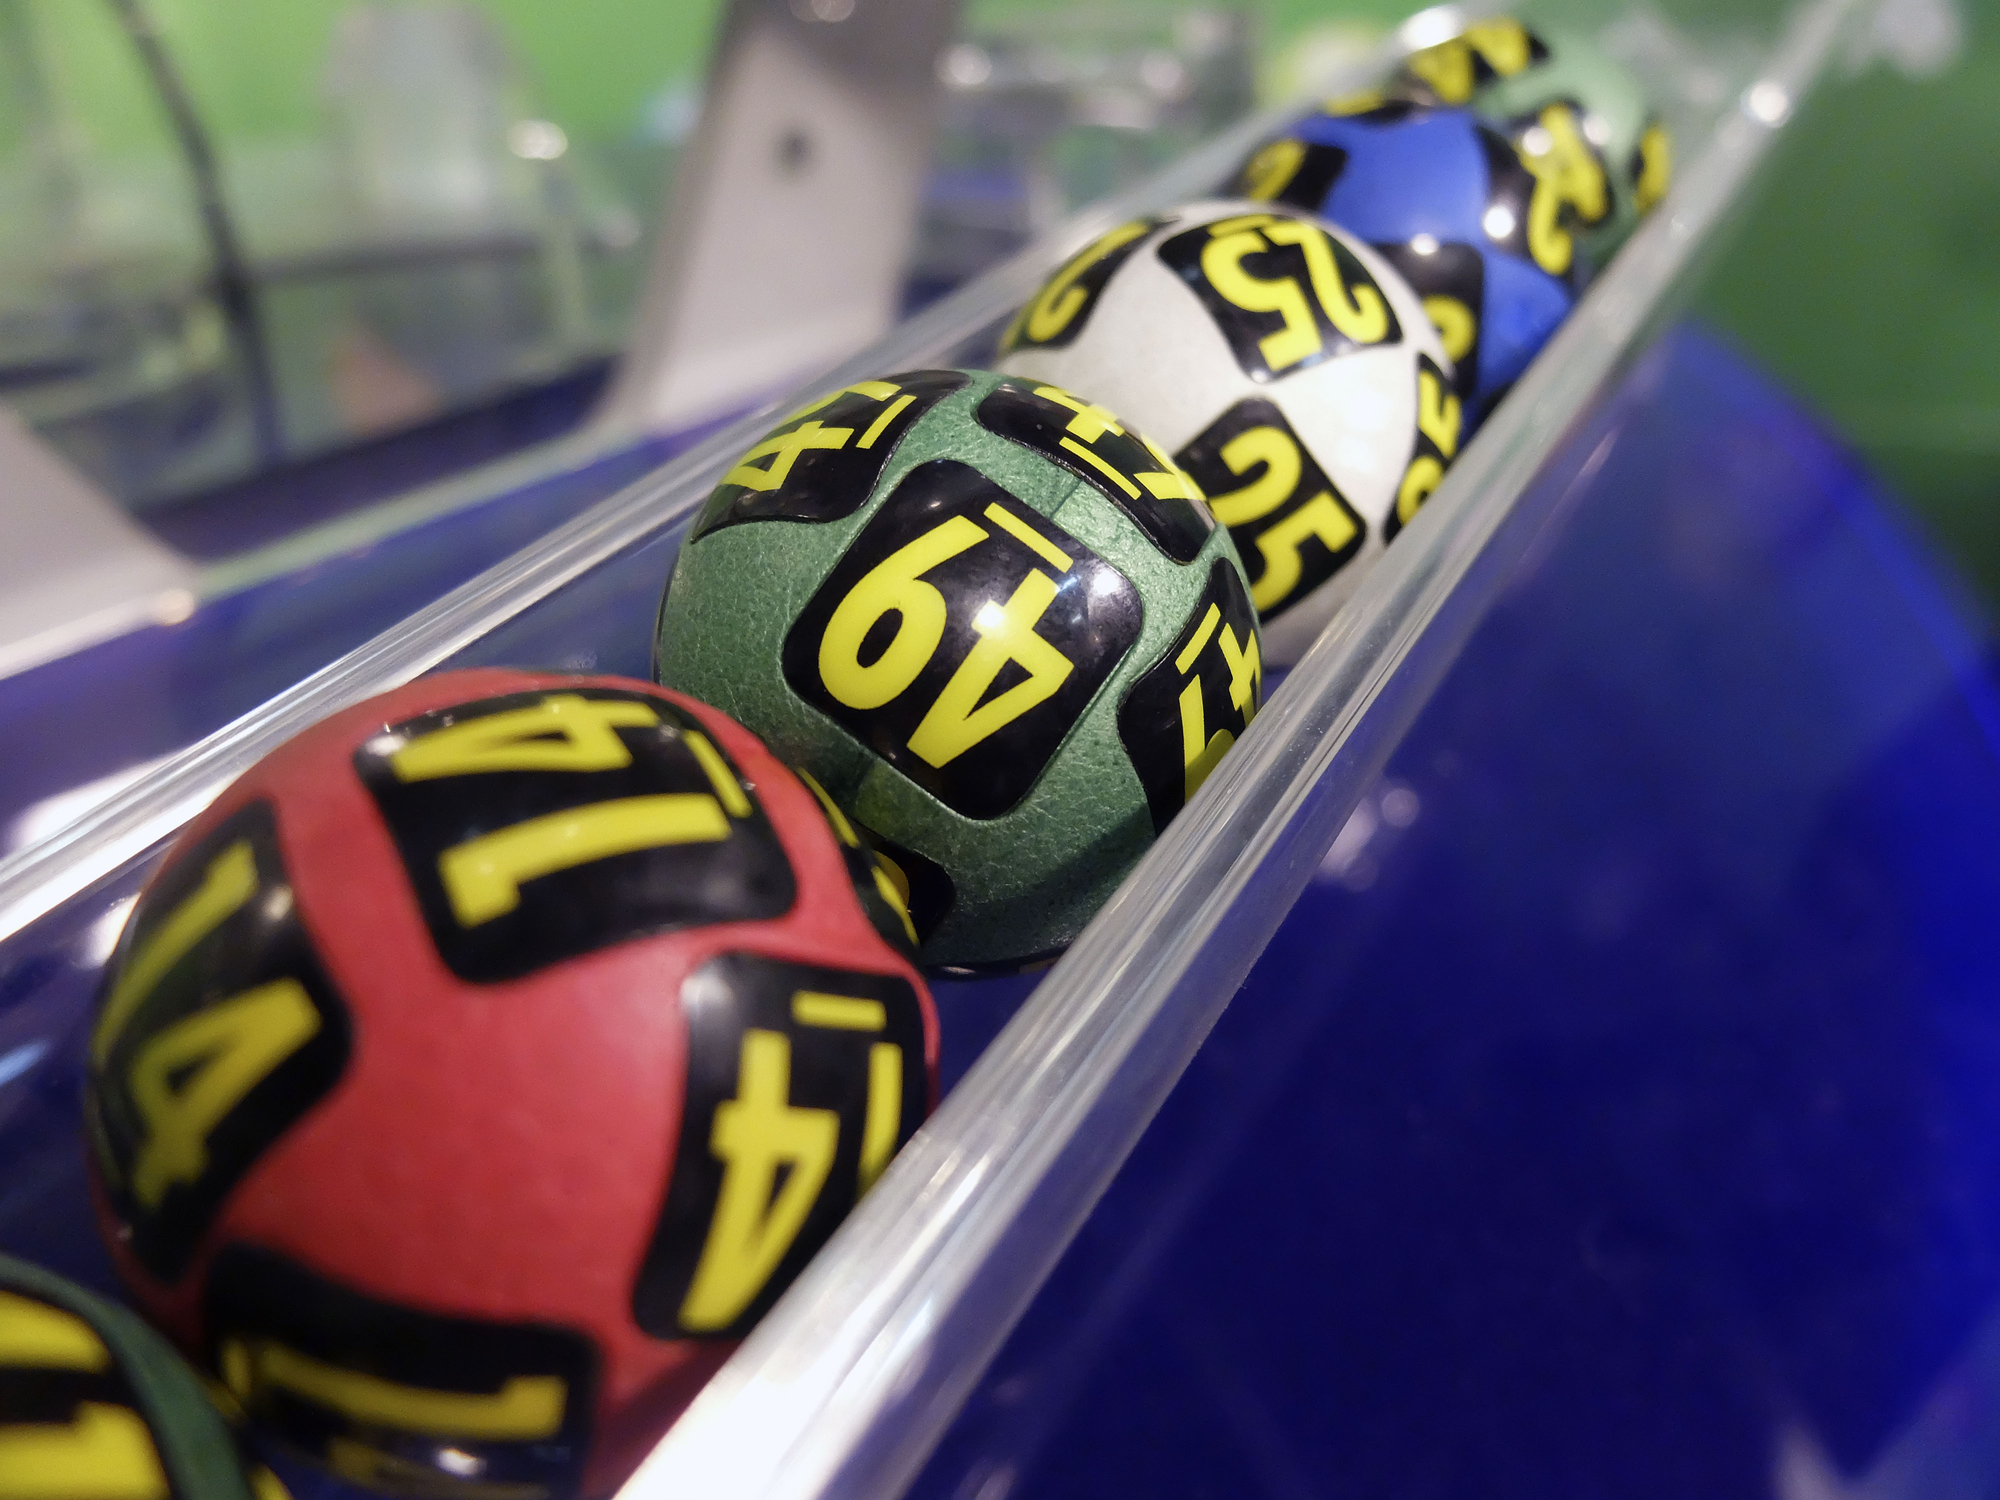 В какую лотерею реально выиграть, какие шансы на победу? Сколько шансов победить в Гослото?